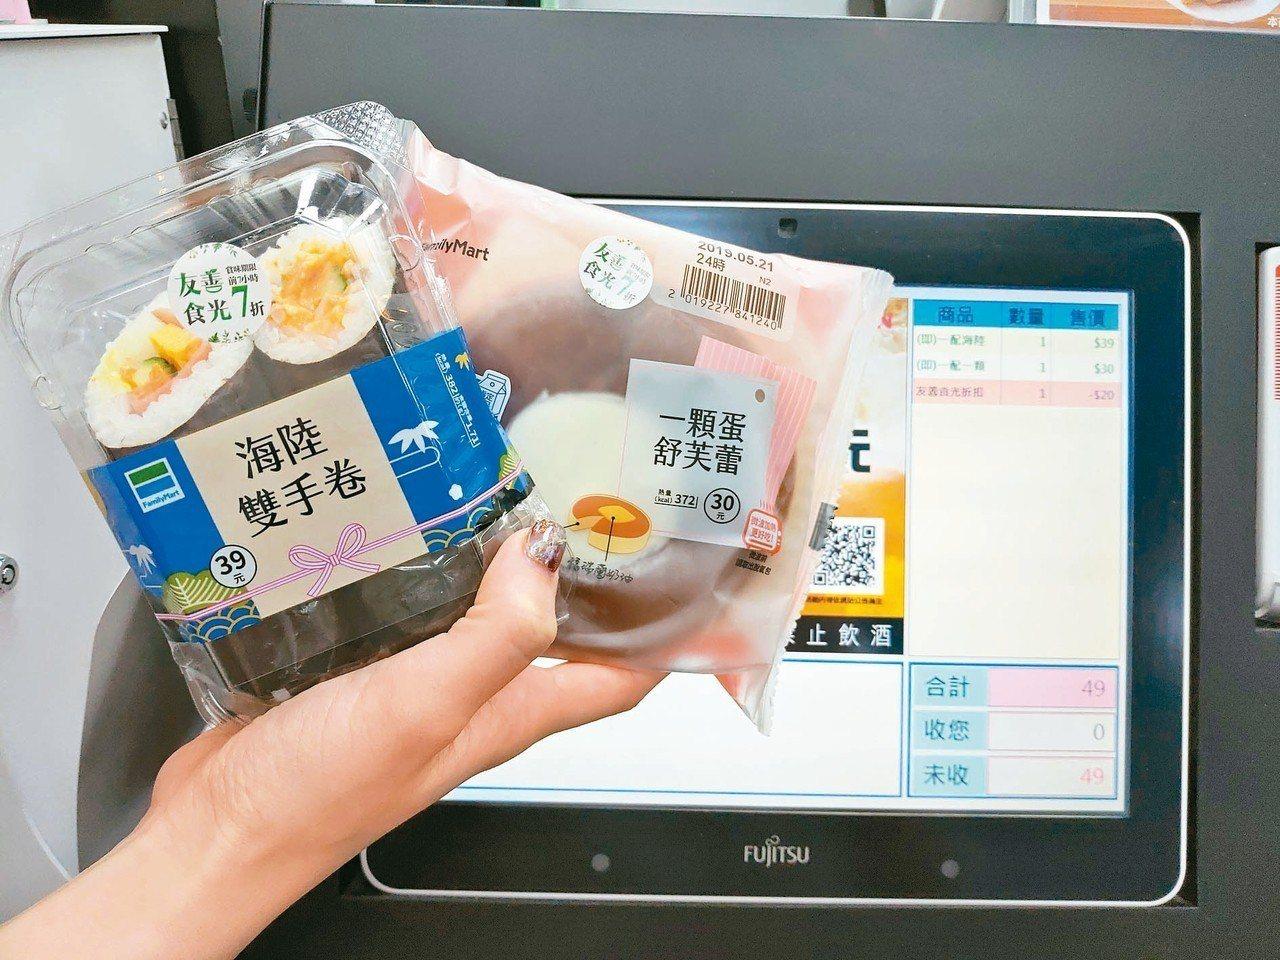 每年超商報廢剩食達70億!全家推科技條碼賣即期品,小七卻不跟進,看懂背後的關鍵取捨